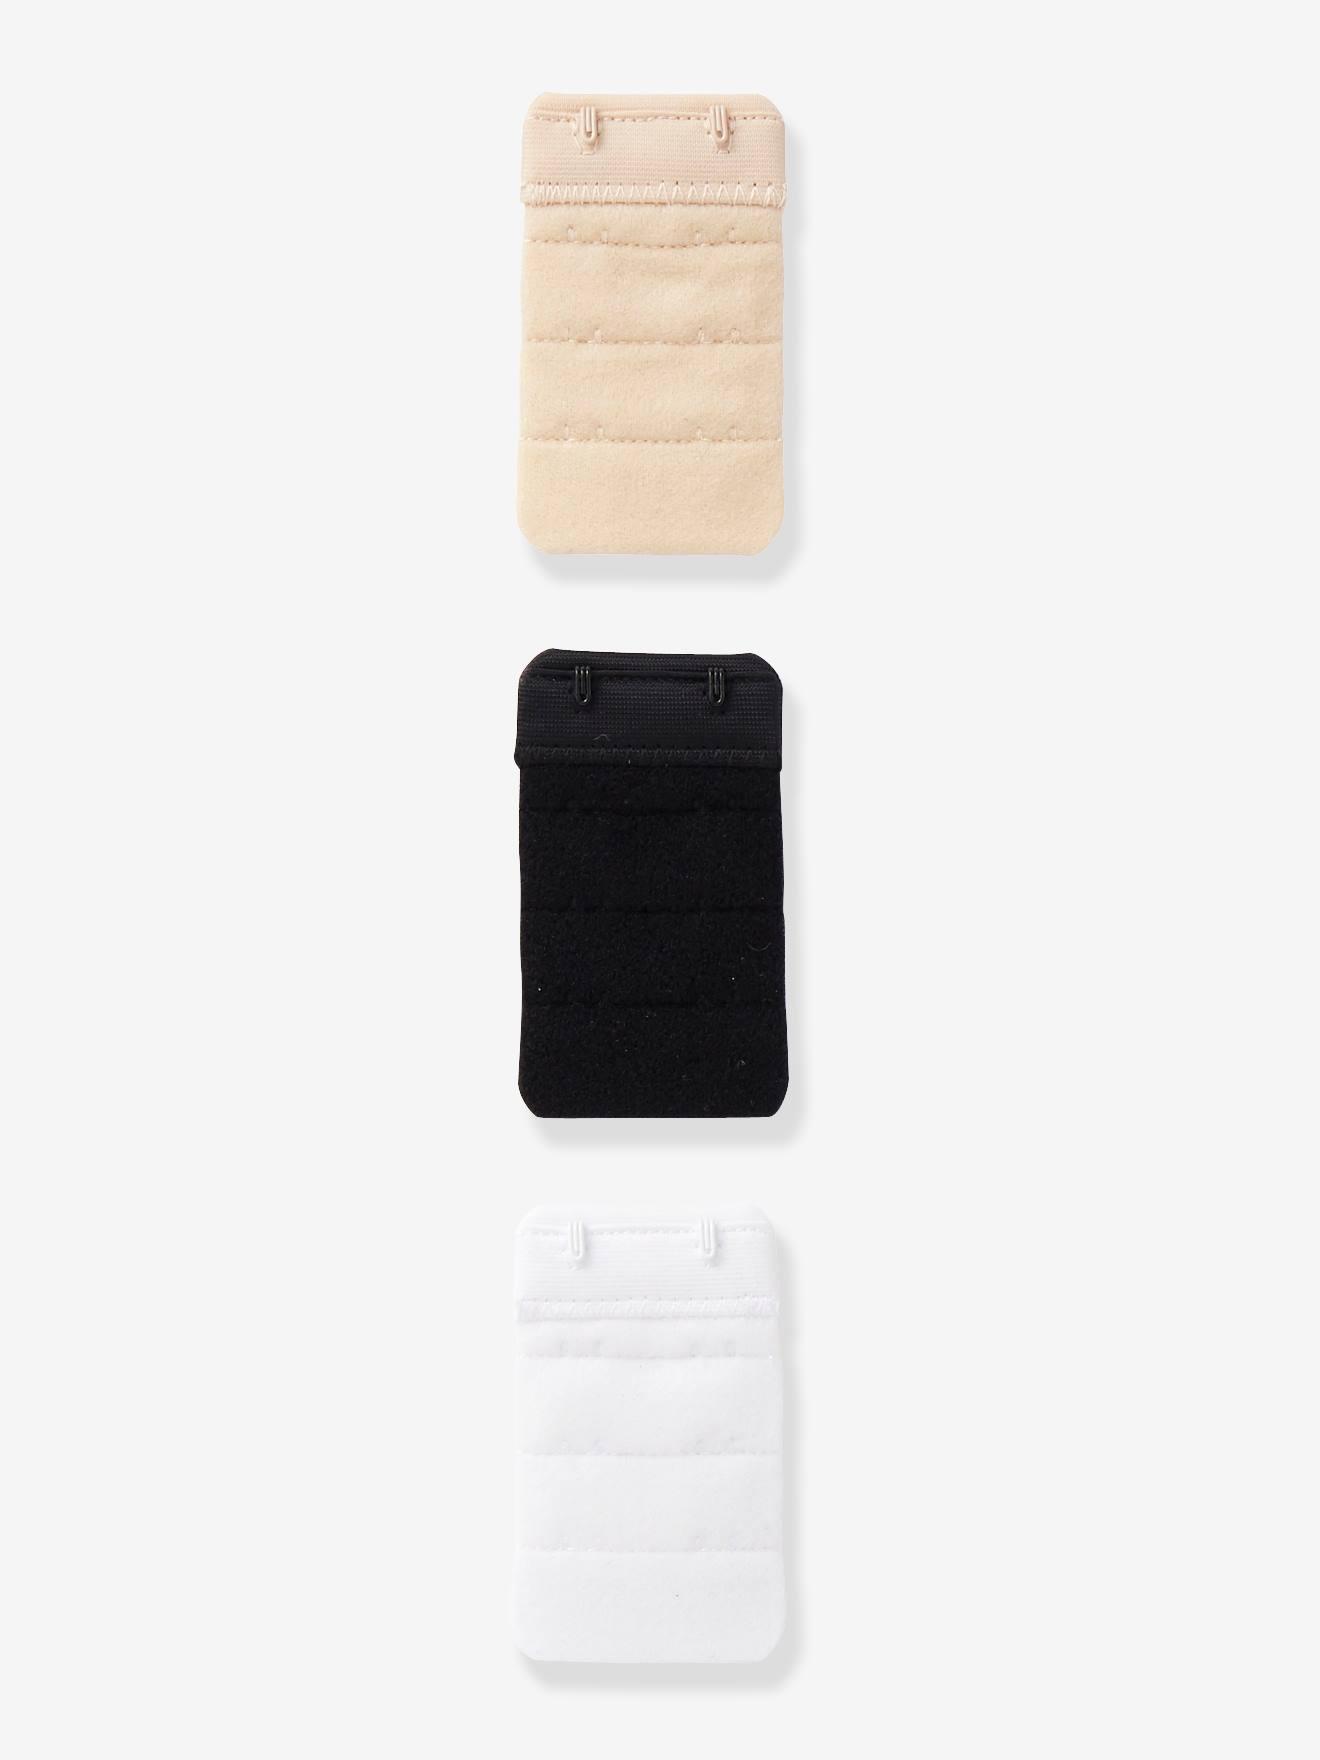 Vertbaudet 3 prolongateurs de soutien-gorge d'allaitement blanc+beige+noir